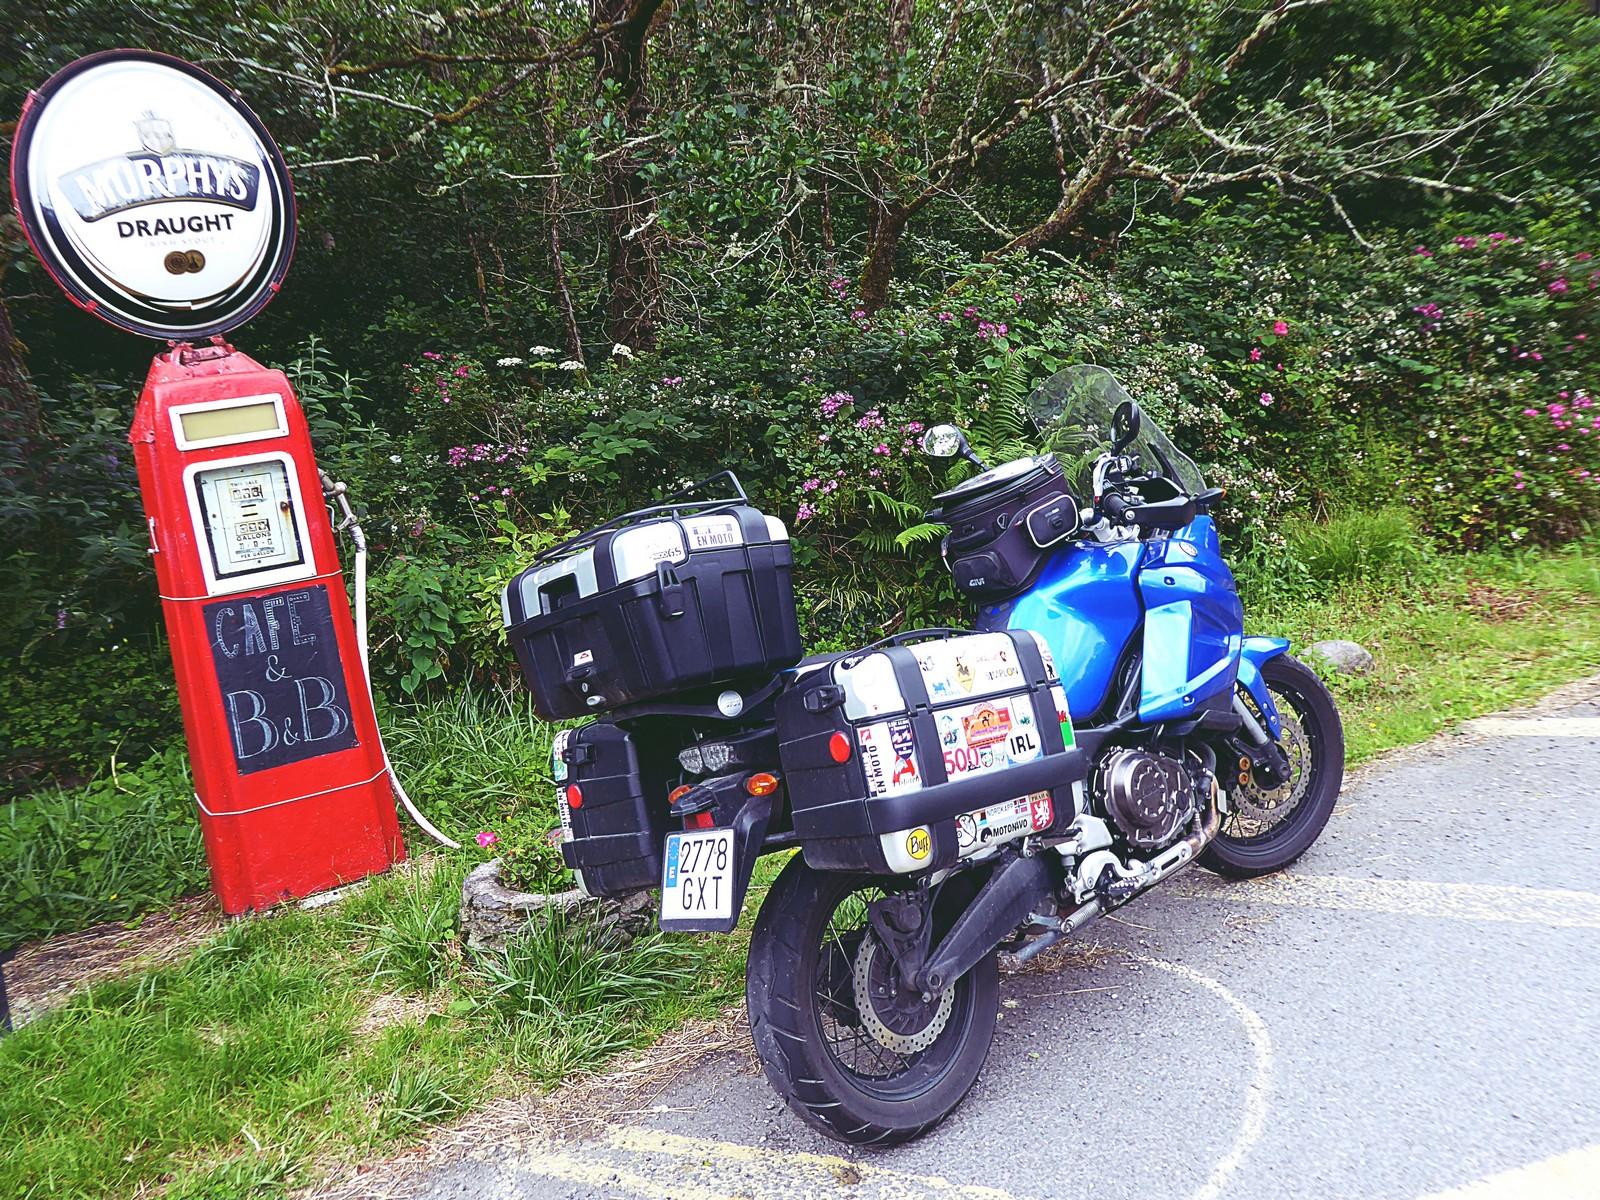 Las 5 penínsulas de Irlanda en moto.